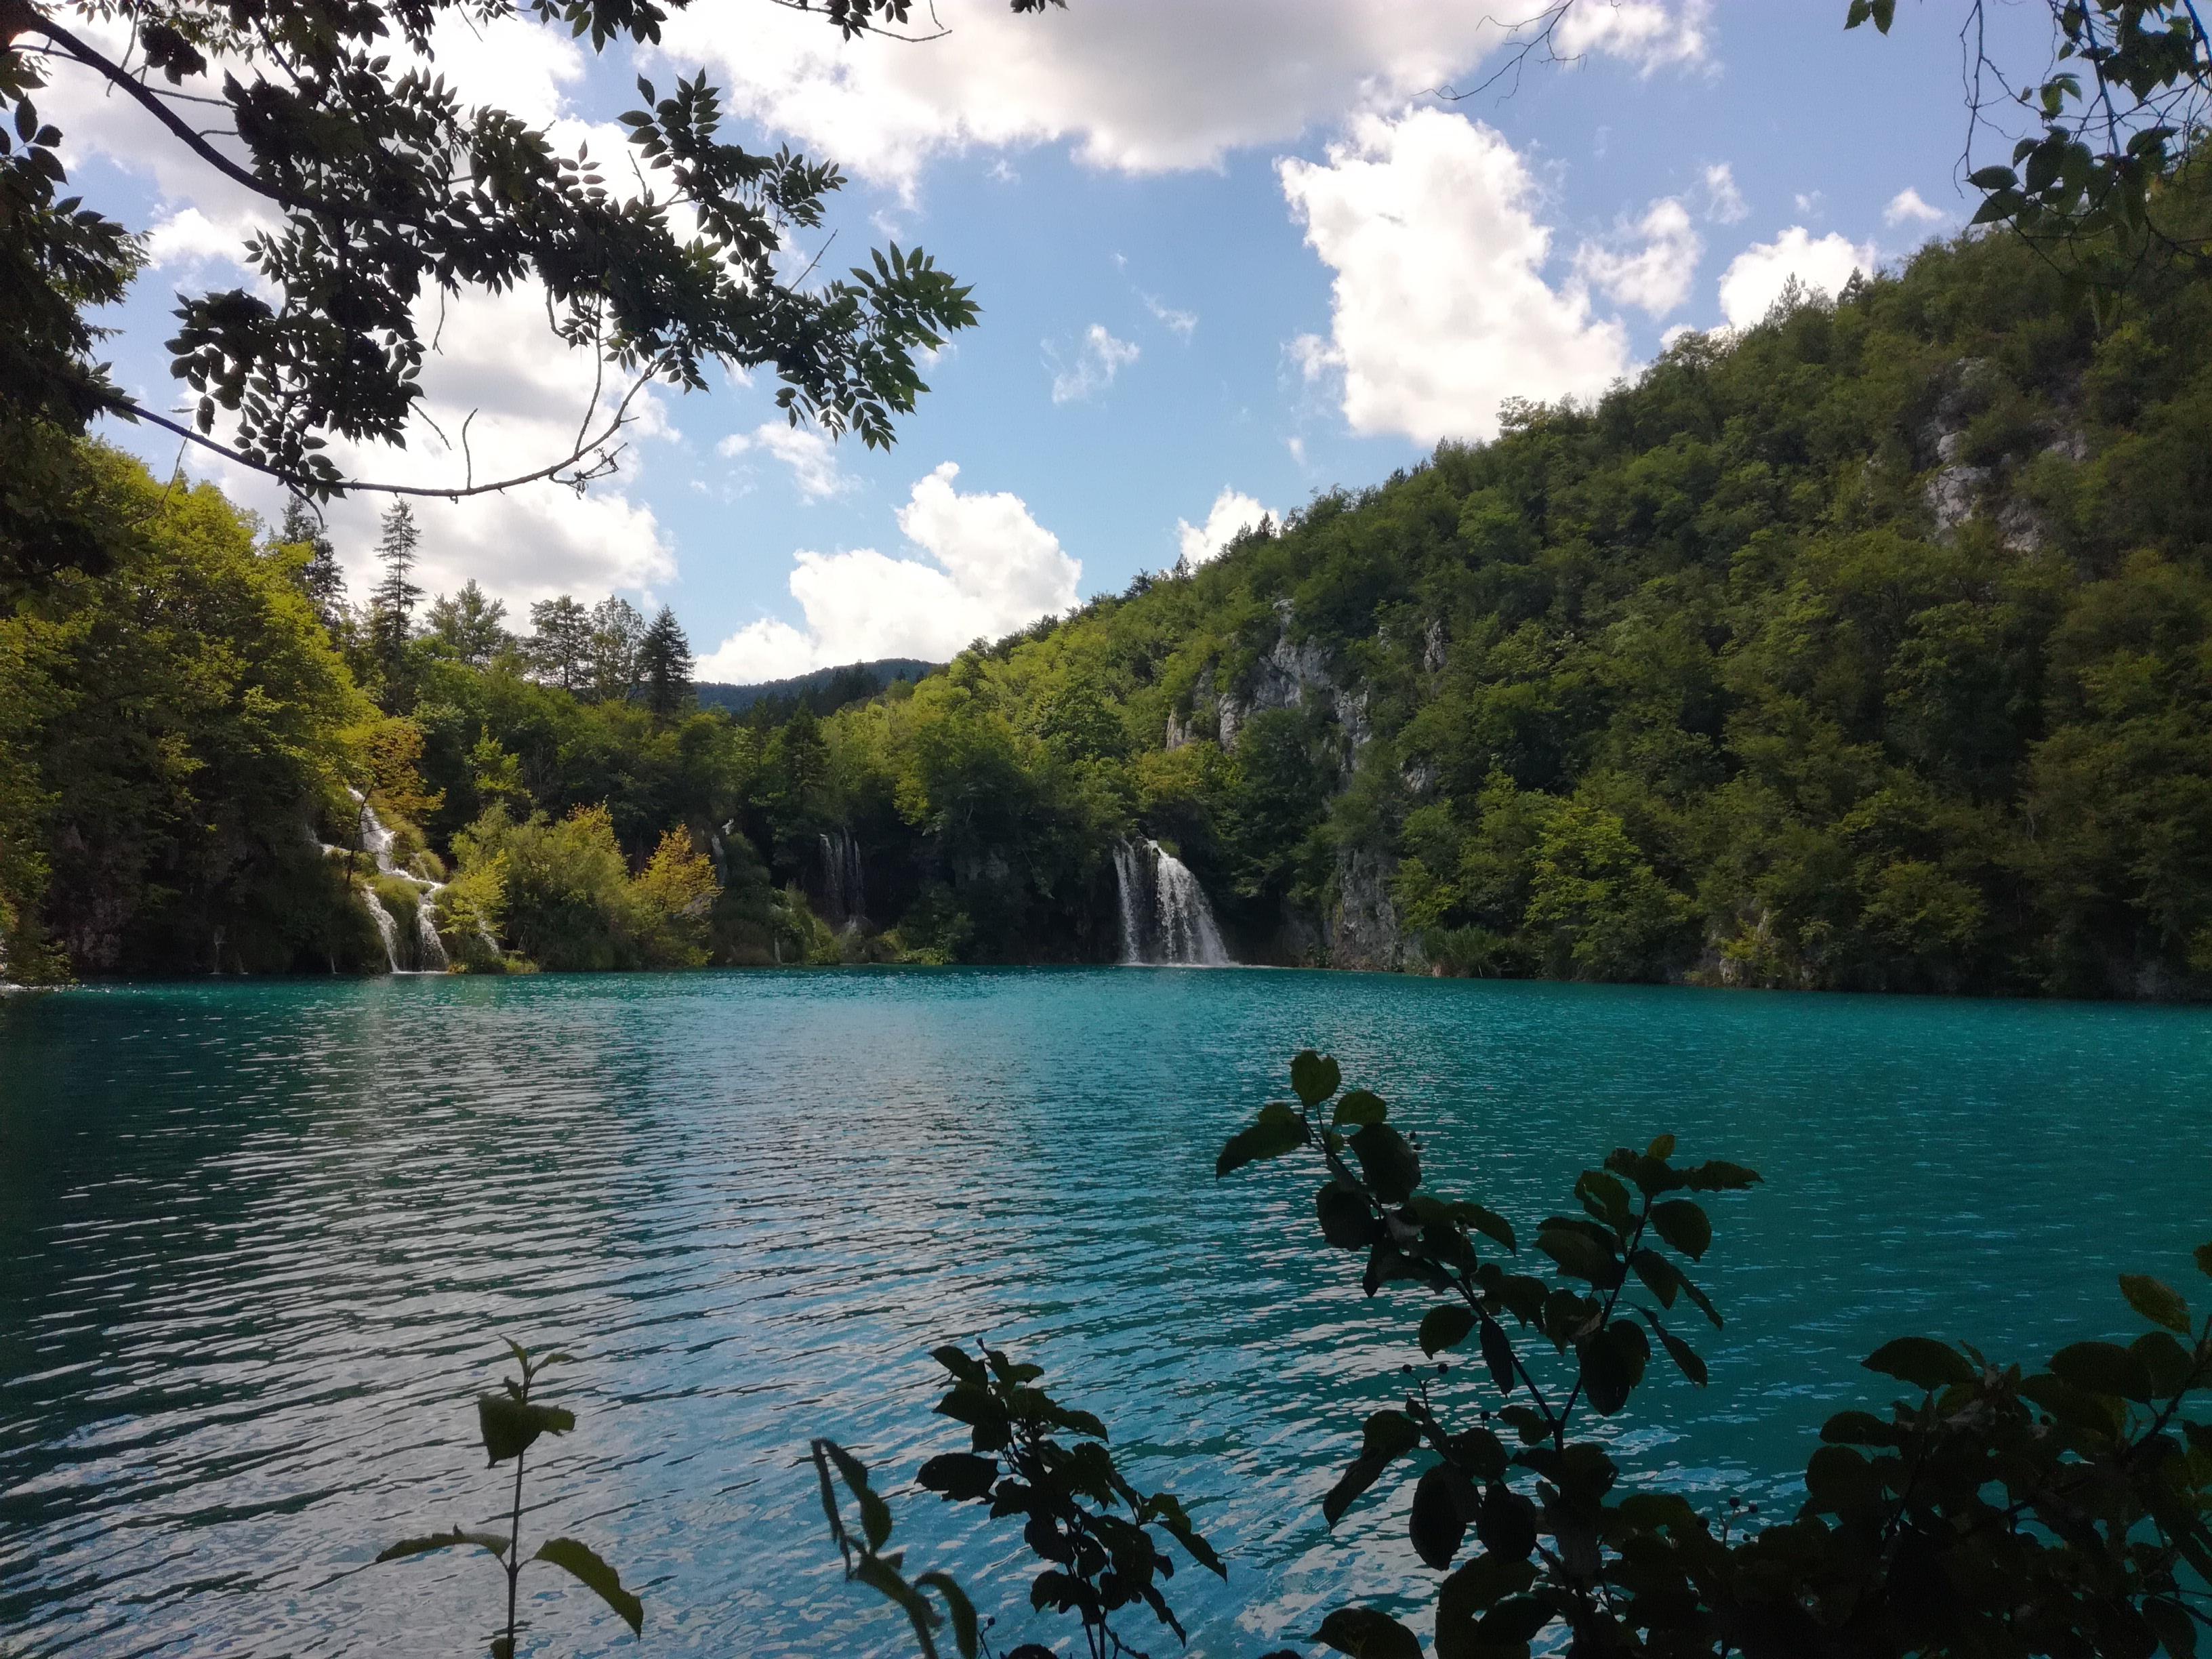 Lacs du parc national de Plitvice